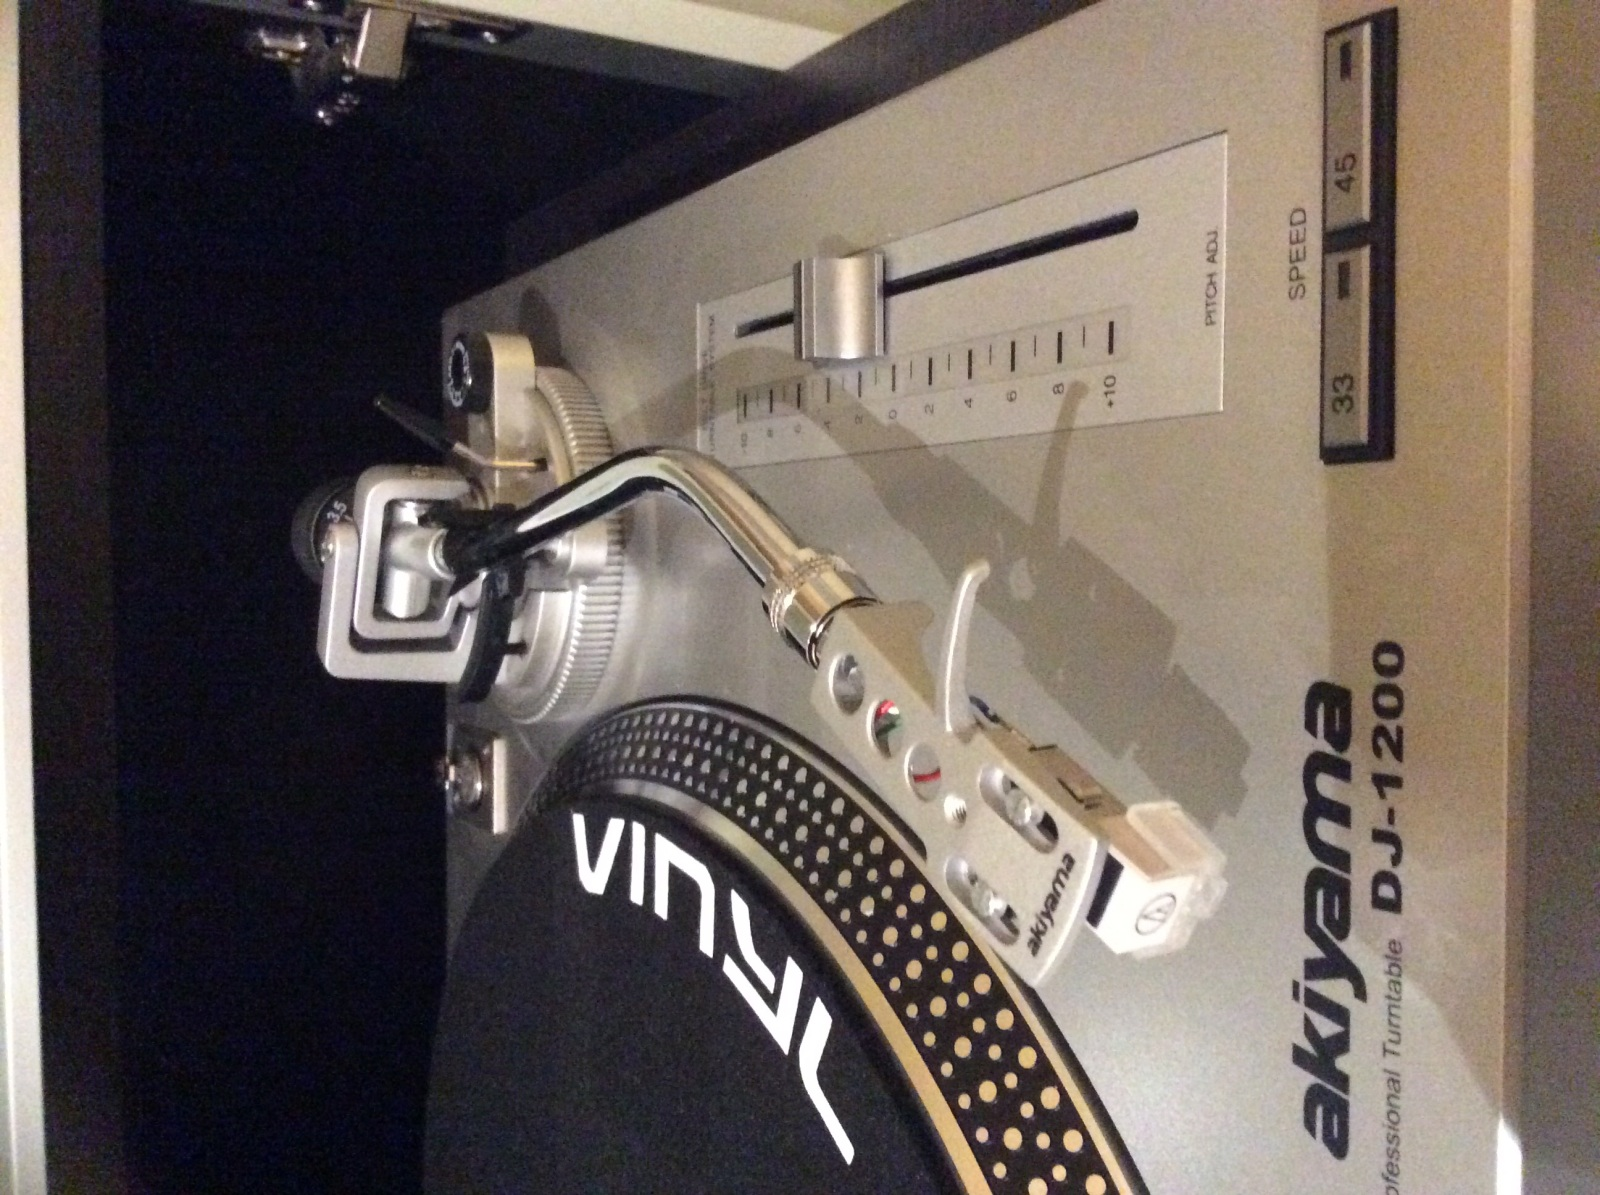 Vendo Tocadiscos Akiyama DJ1200 2mnfwp2